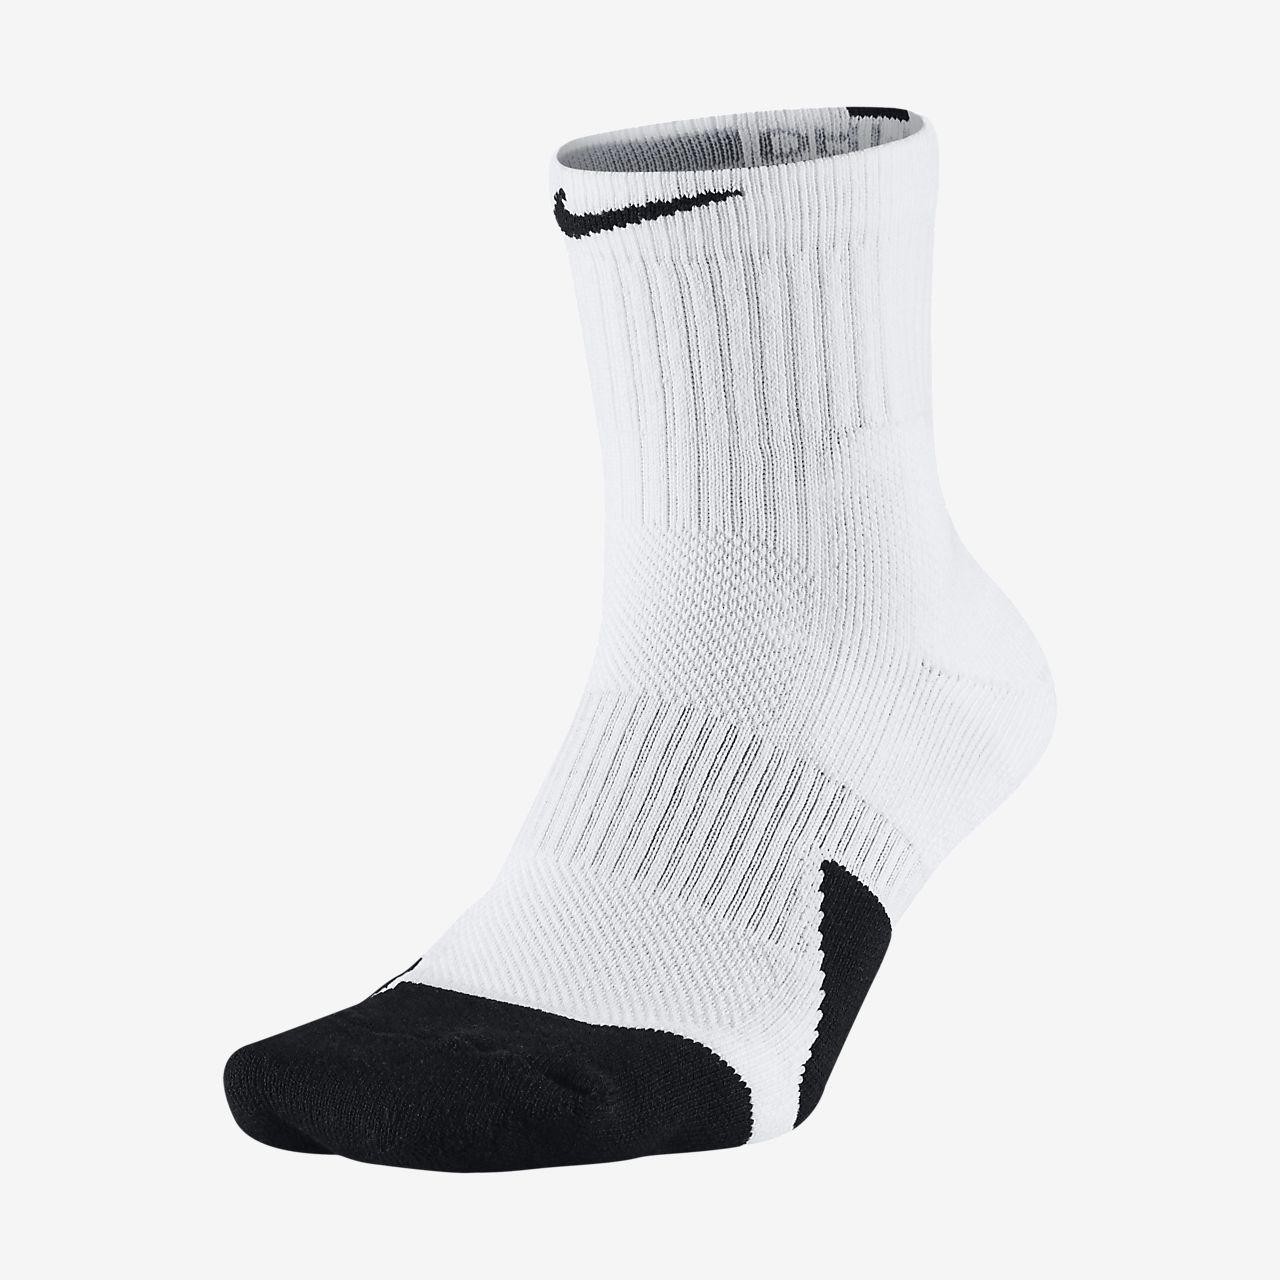 ถุงเท้าบาสเก็ตบอล Nike Dry Elite 1.5 Mid